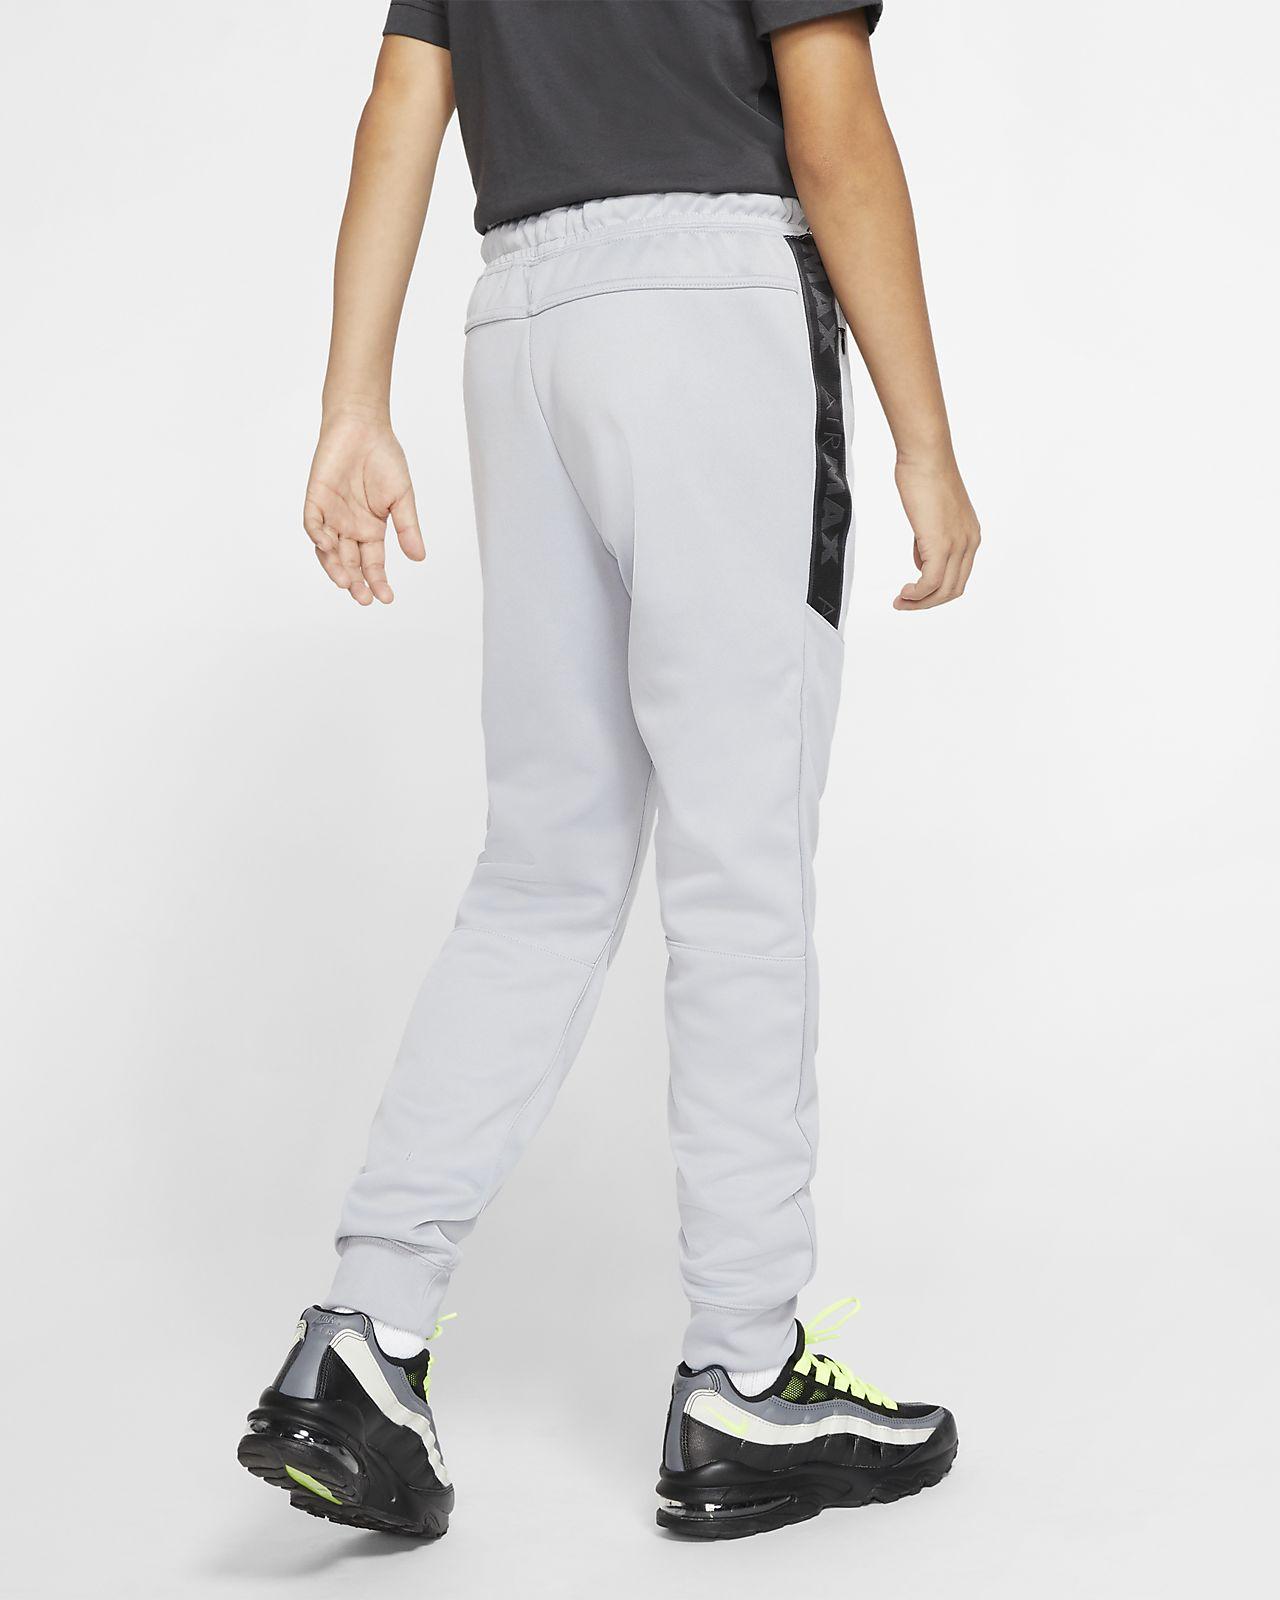 Spodnie dla dużych dzieci (chłopców) Nike Sportswear Air Max